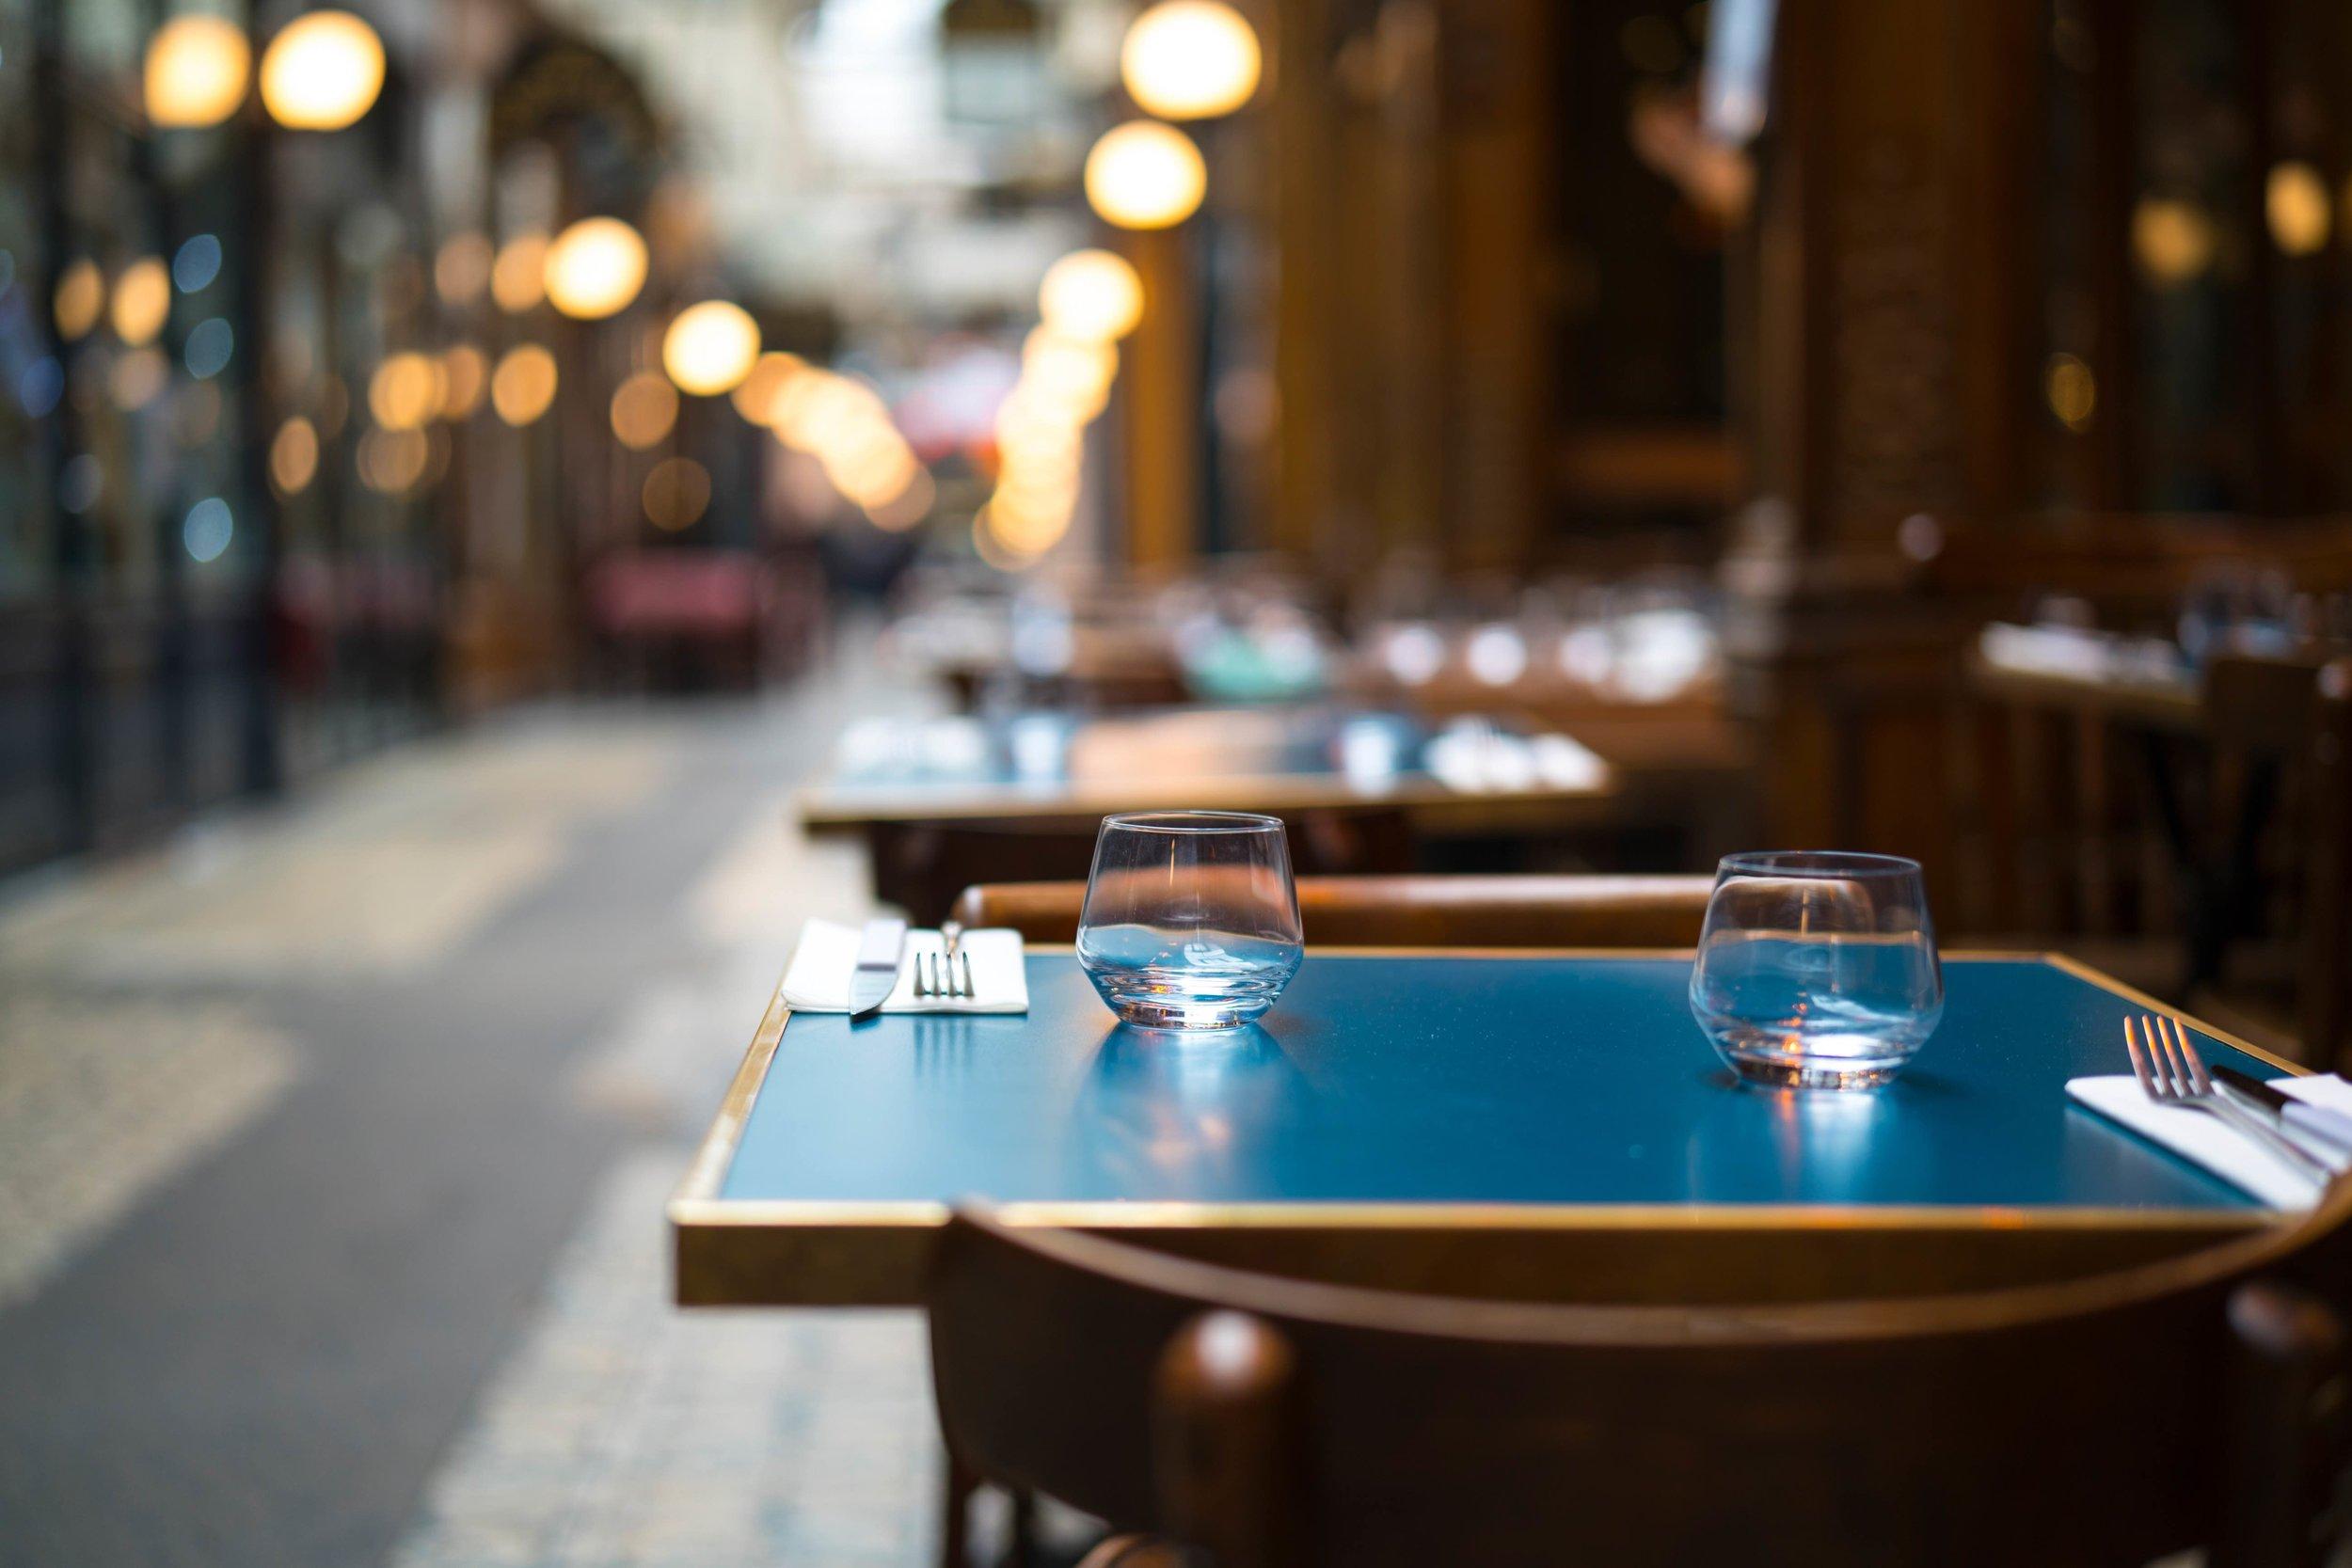 3. The restaurant scene